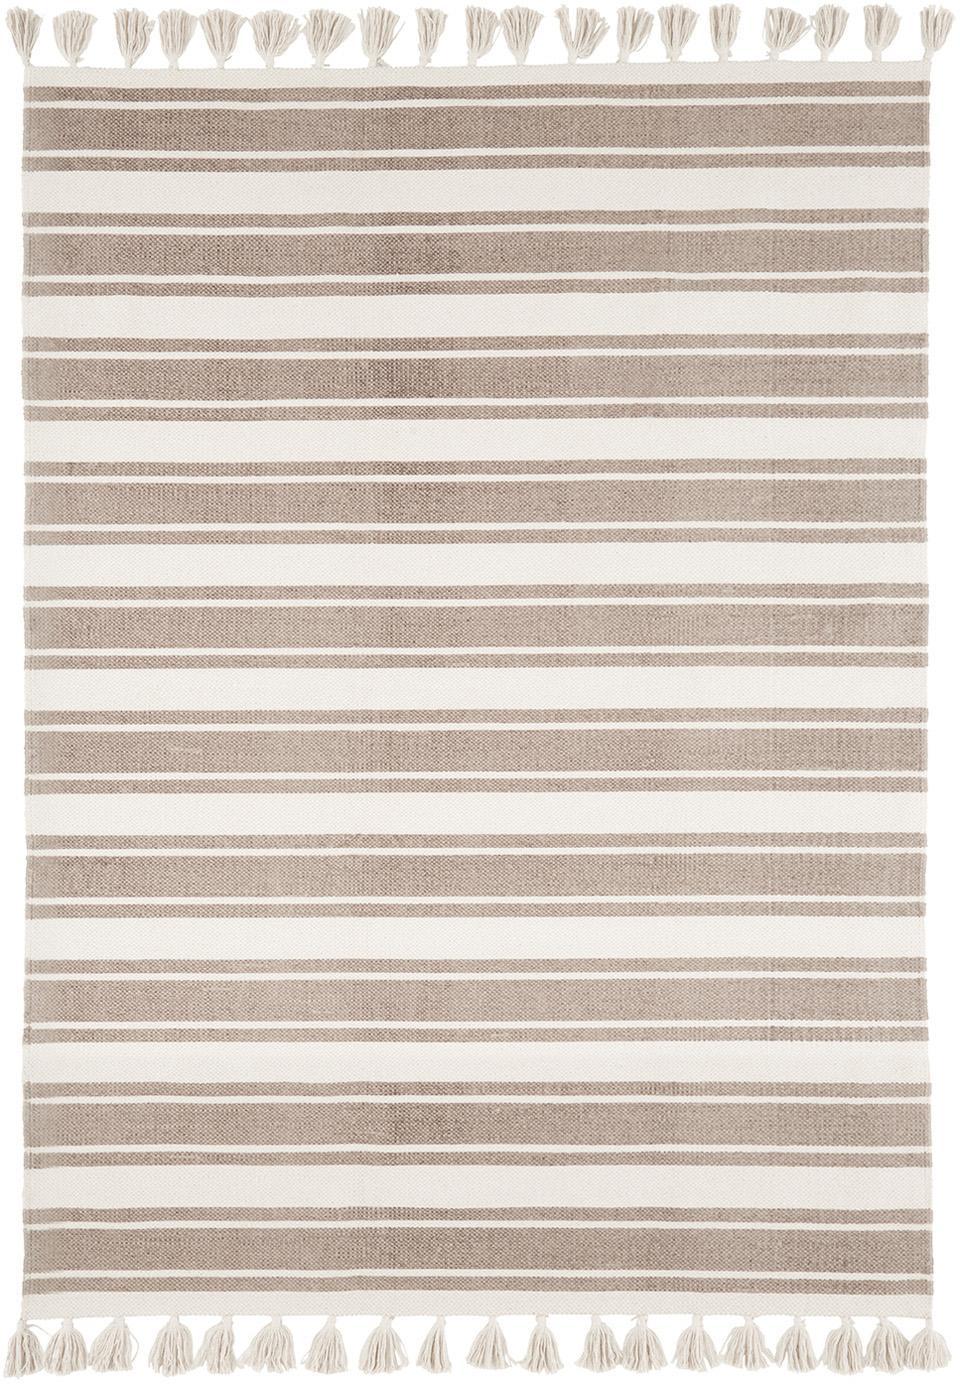 Gestreepte katoenen vloerkleed Vigga met kwastjes, handgeweven, Taupe, beige, 120 x 180 cm